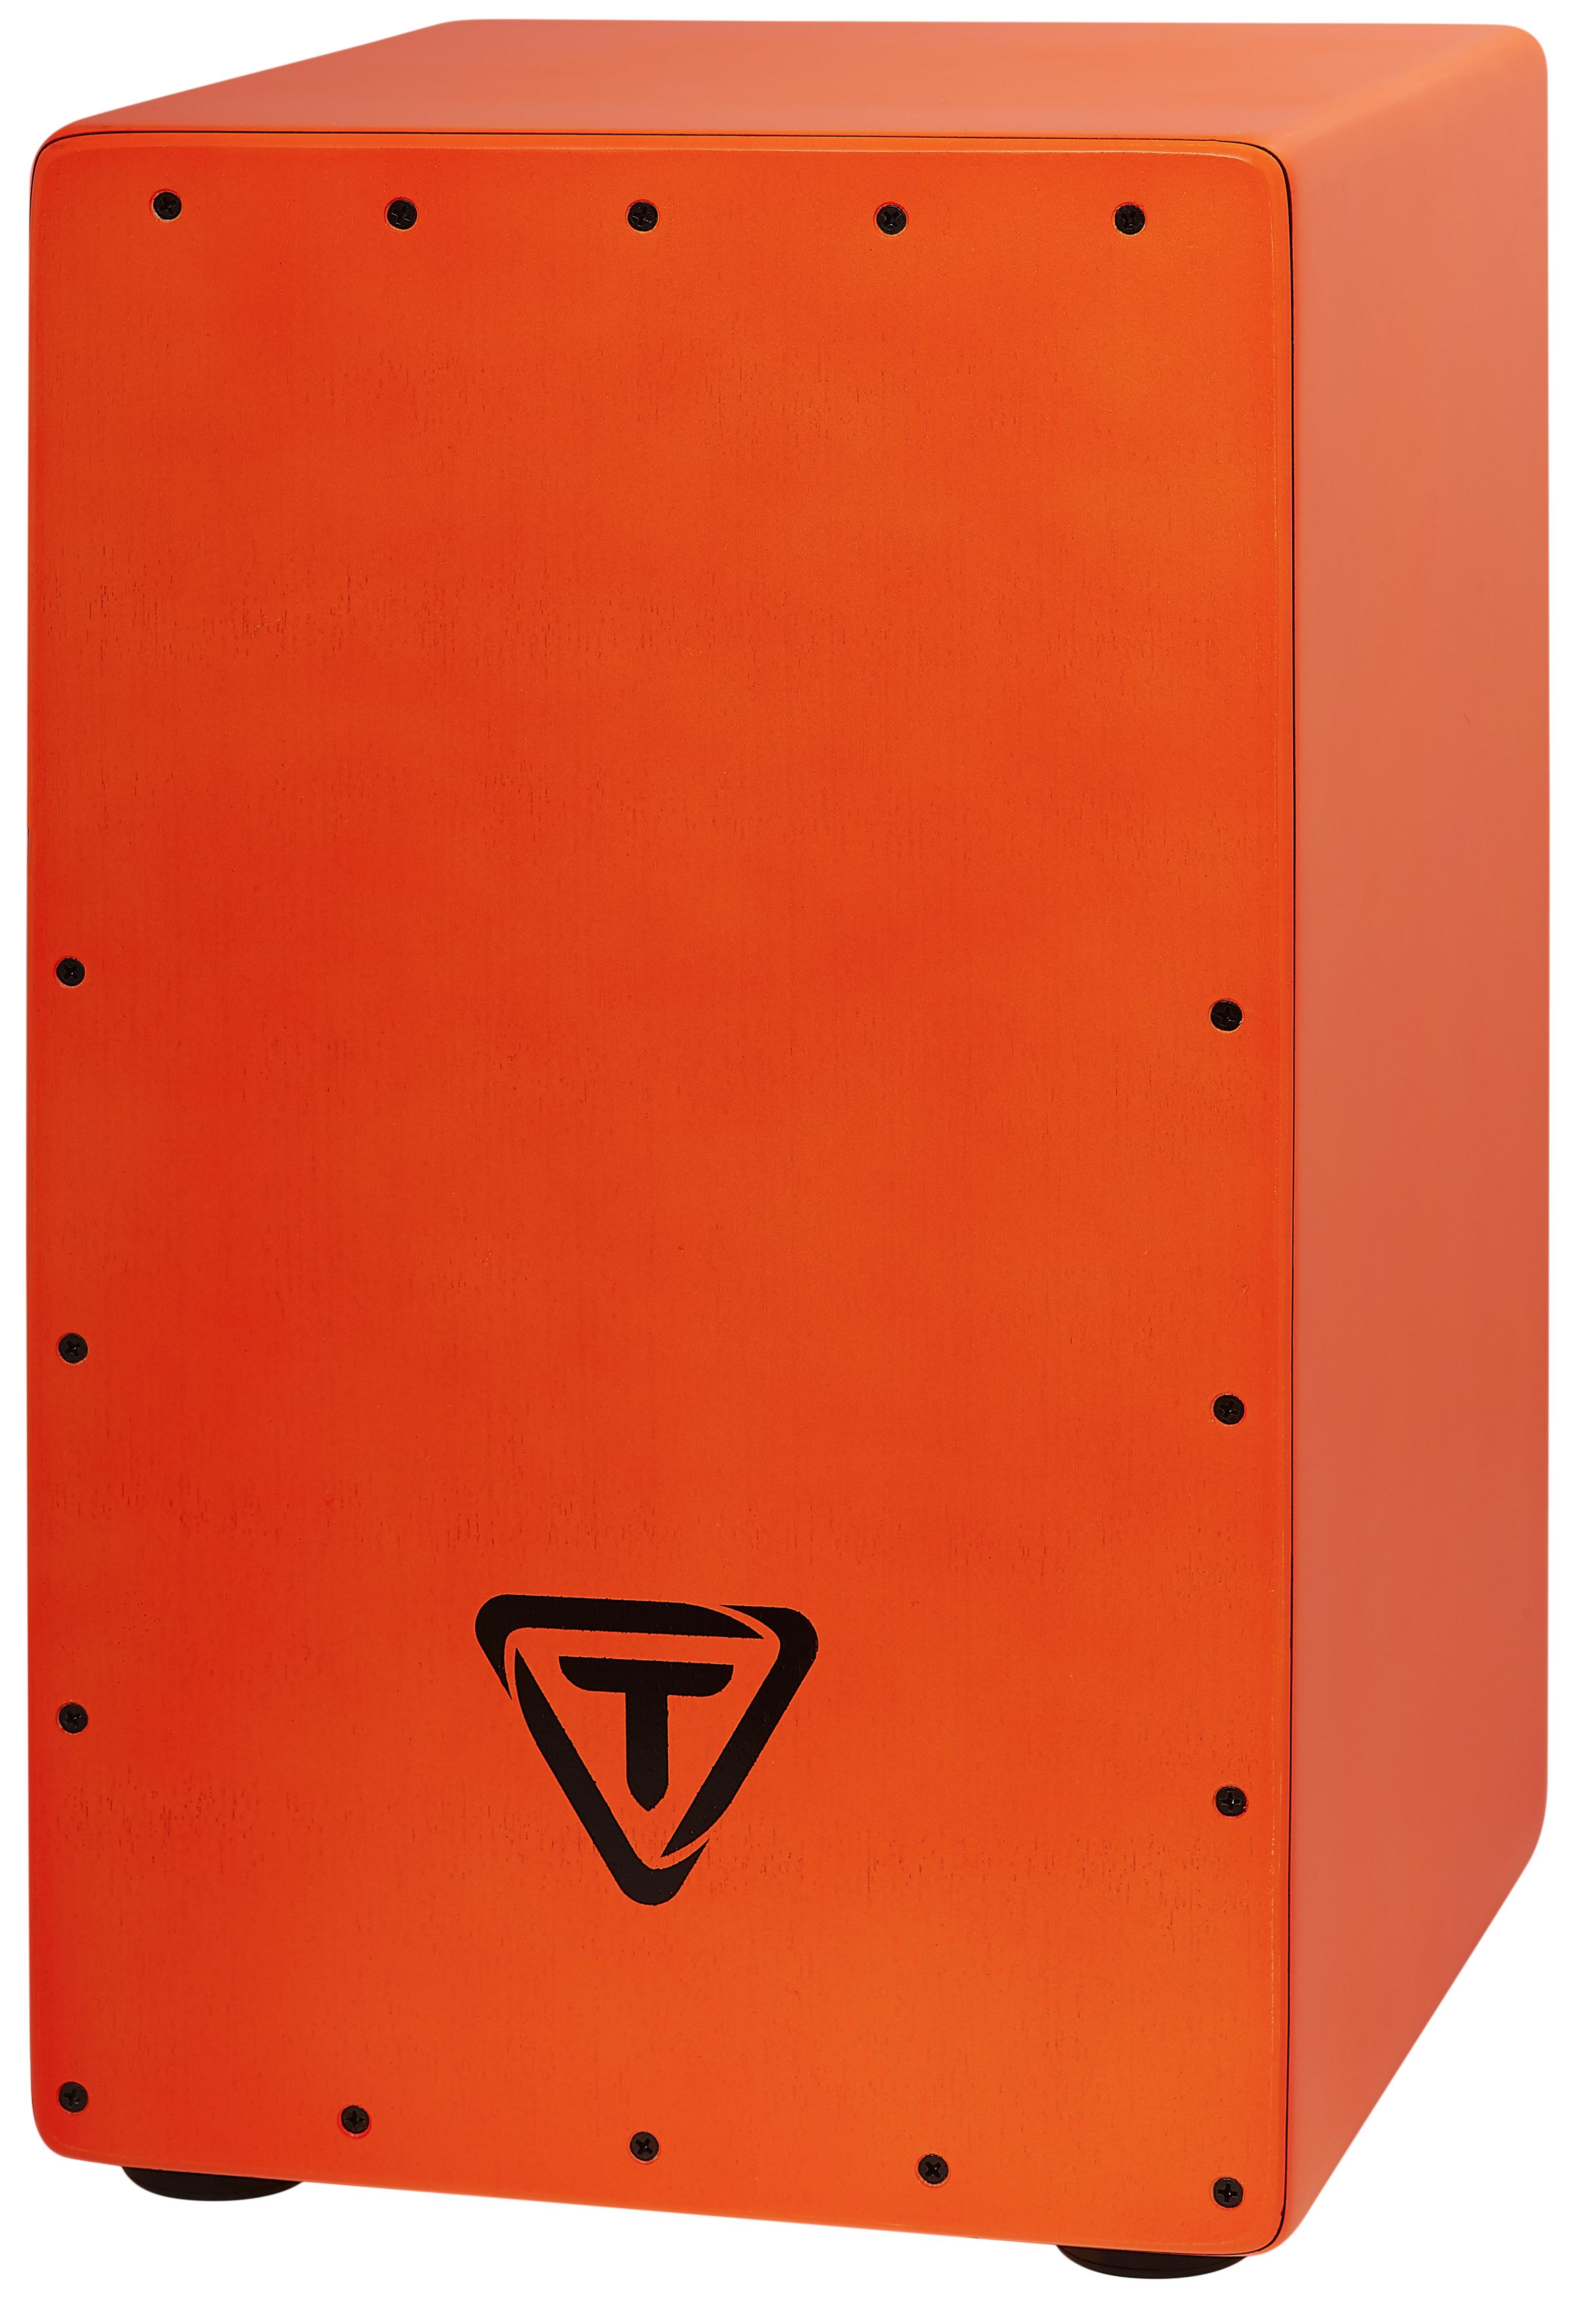 TYCOON TKBSC-29 Orange